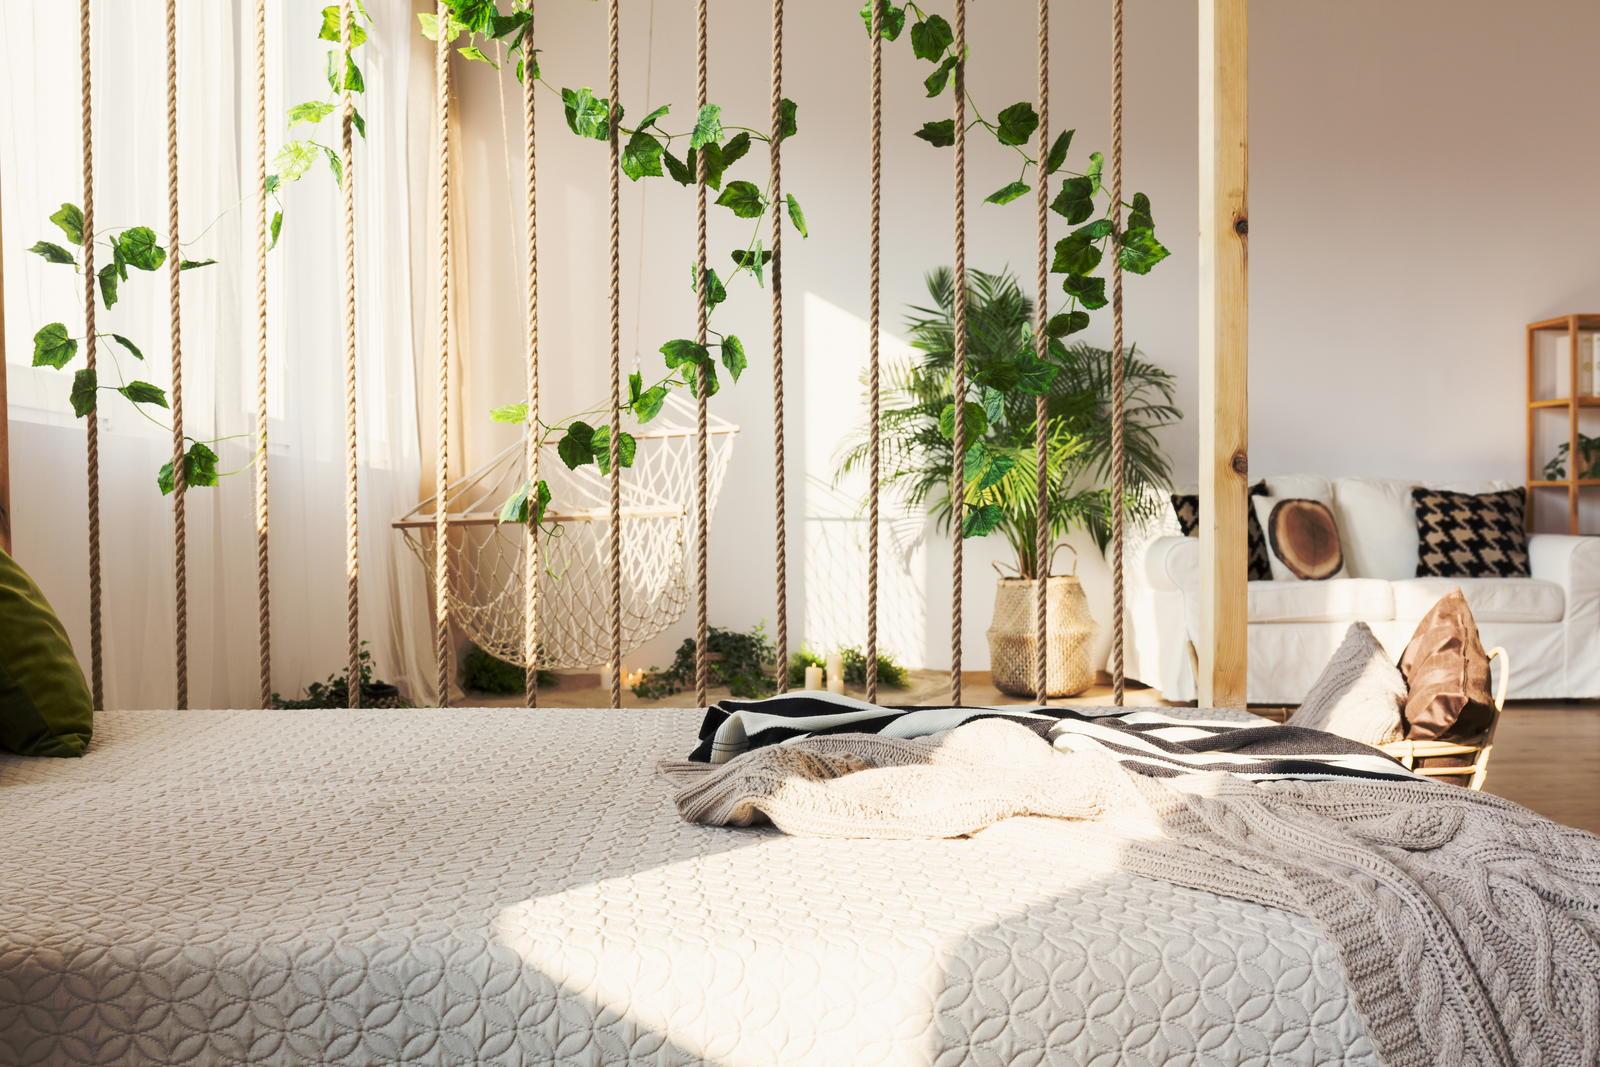 Efeu als Zimmerpflanze: Alles zum Pflanzen & Pflegen von Efeu im